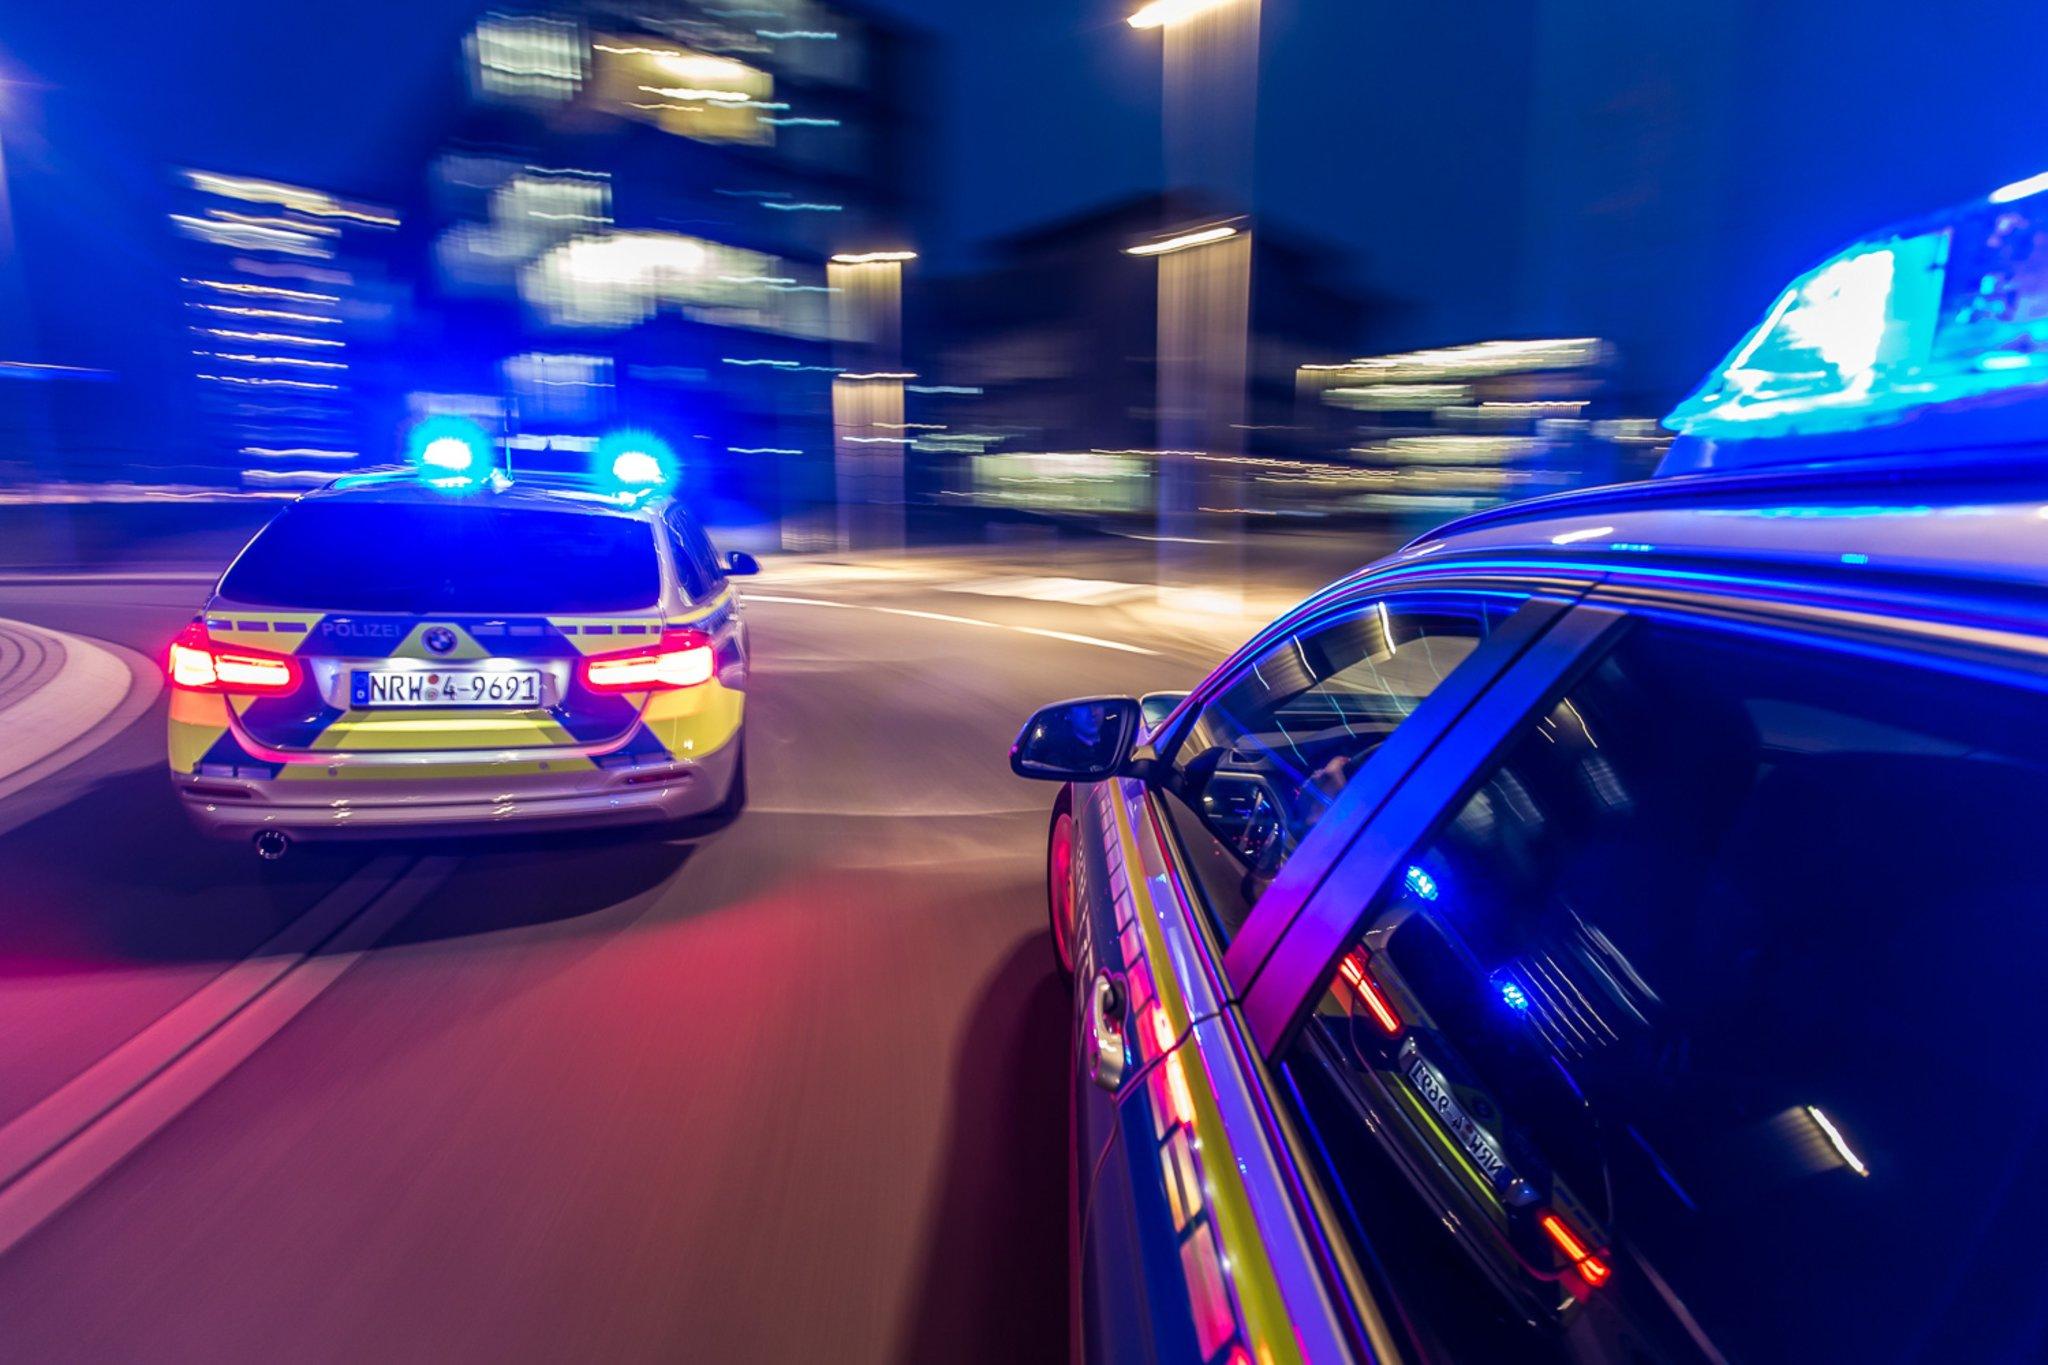 Polizei sucht nach vier Tätern: Hildener Jugendliche ausgeraubt - Lokalkompass.de